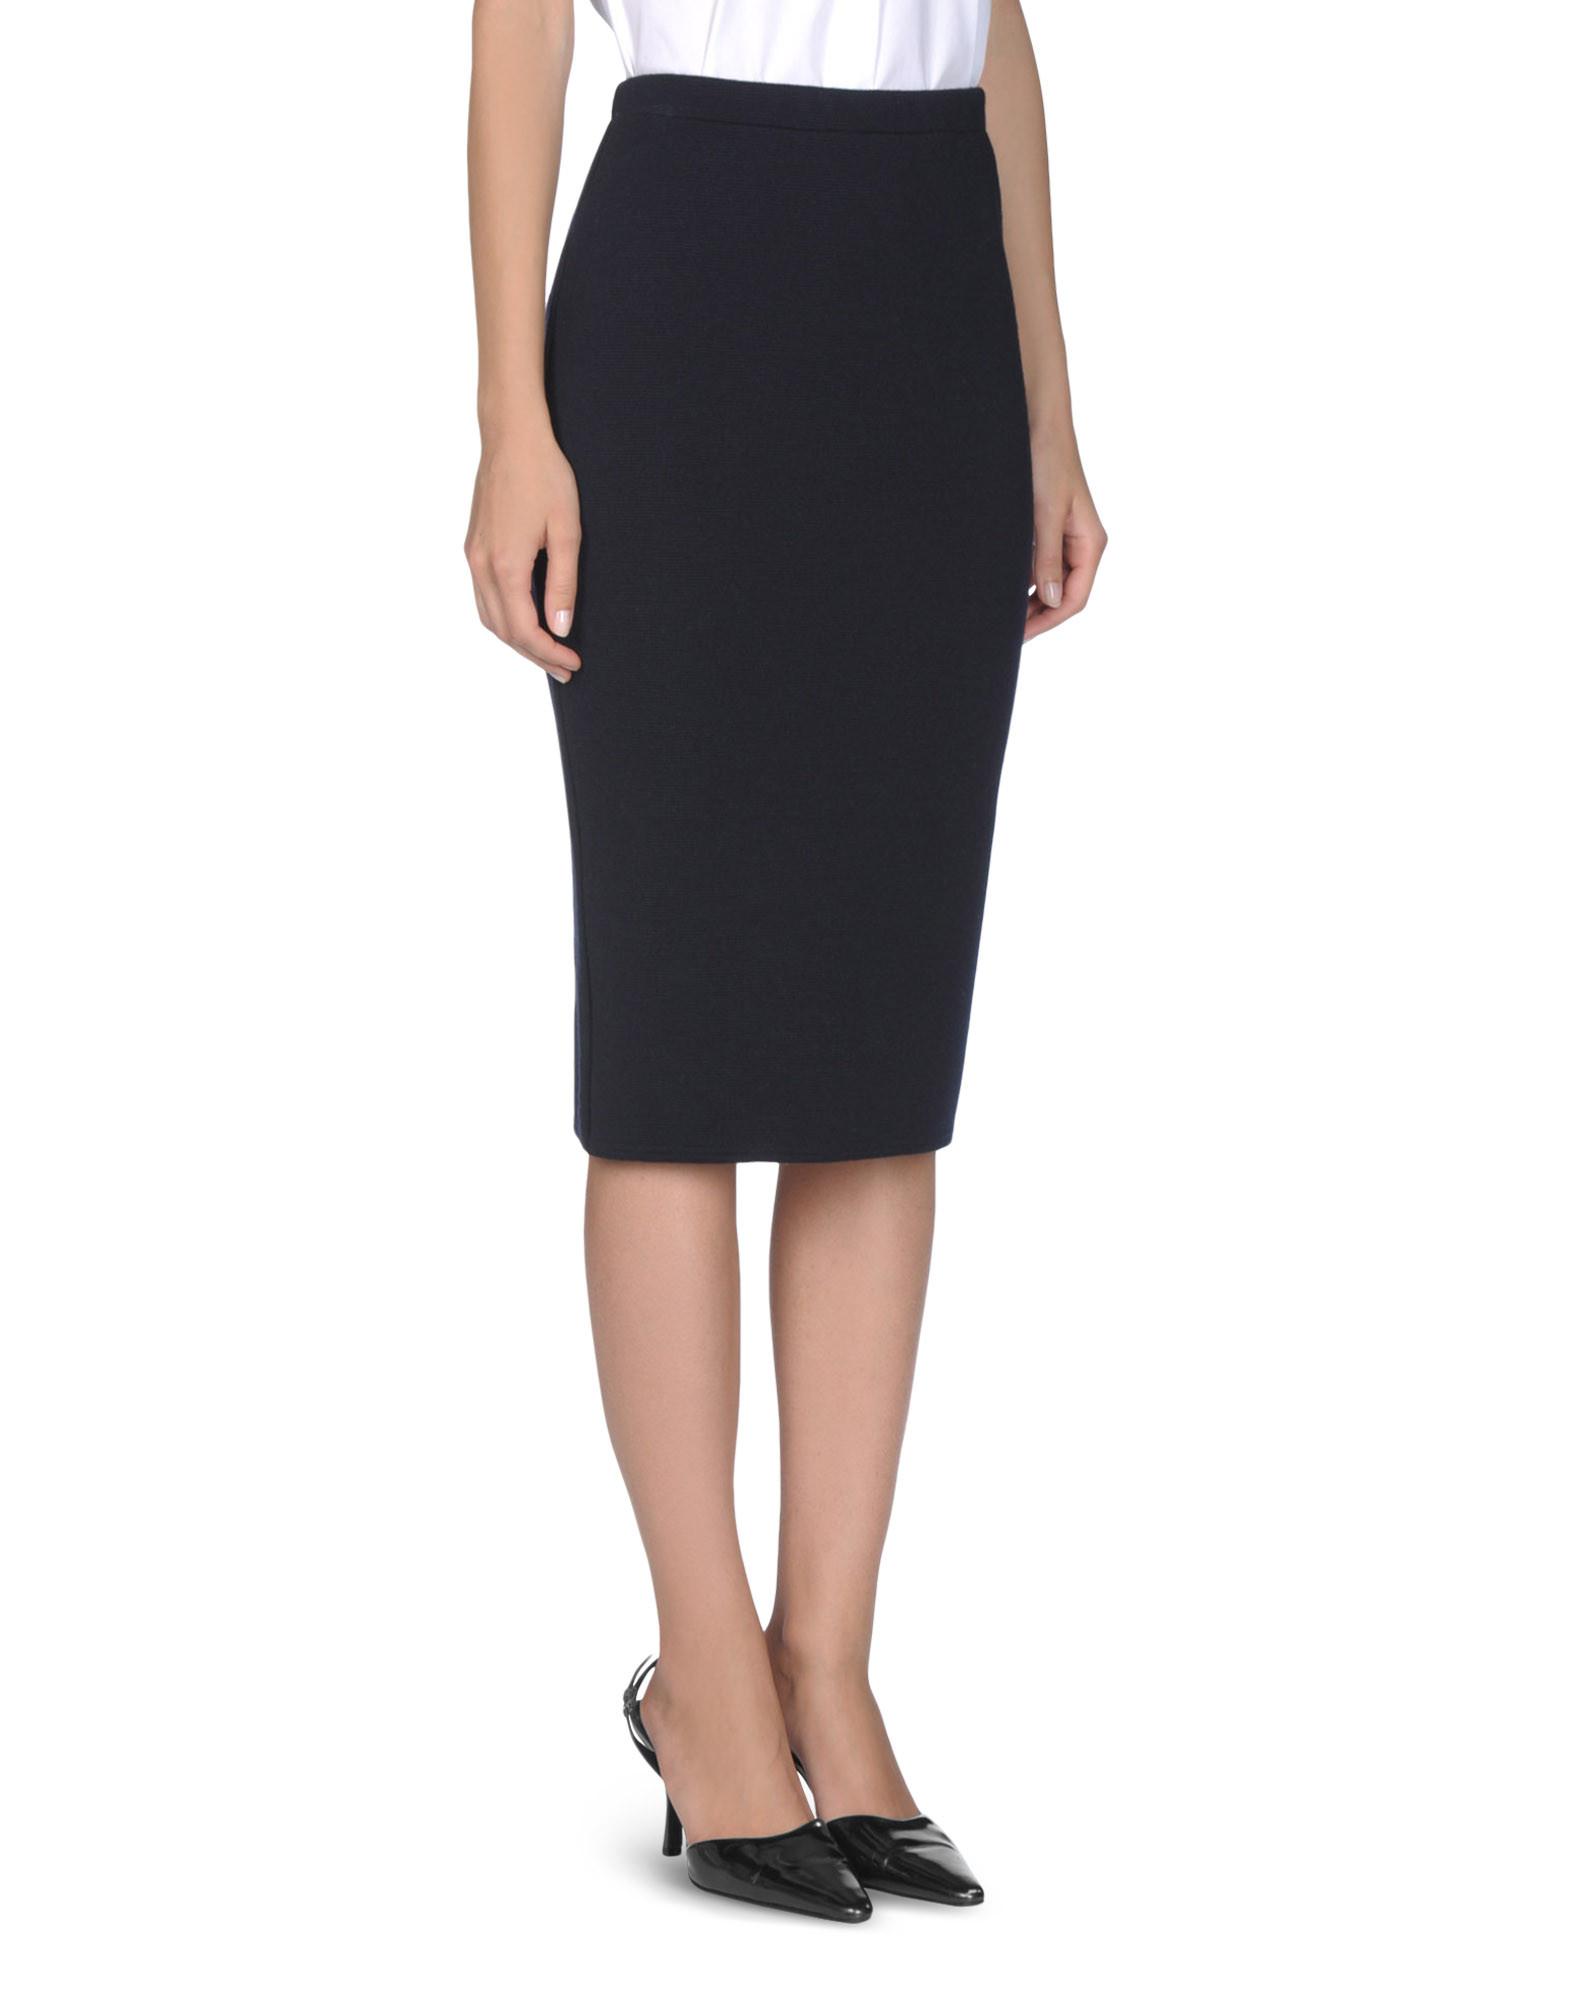 3/4 length skirt - JIL SANDER Online Store